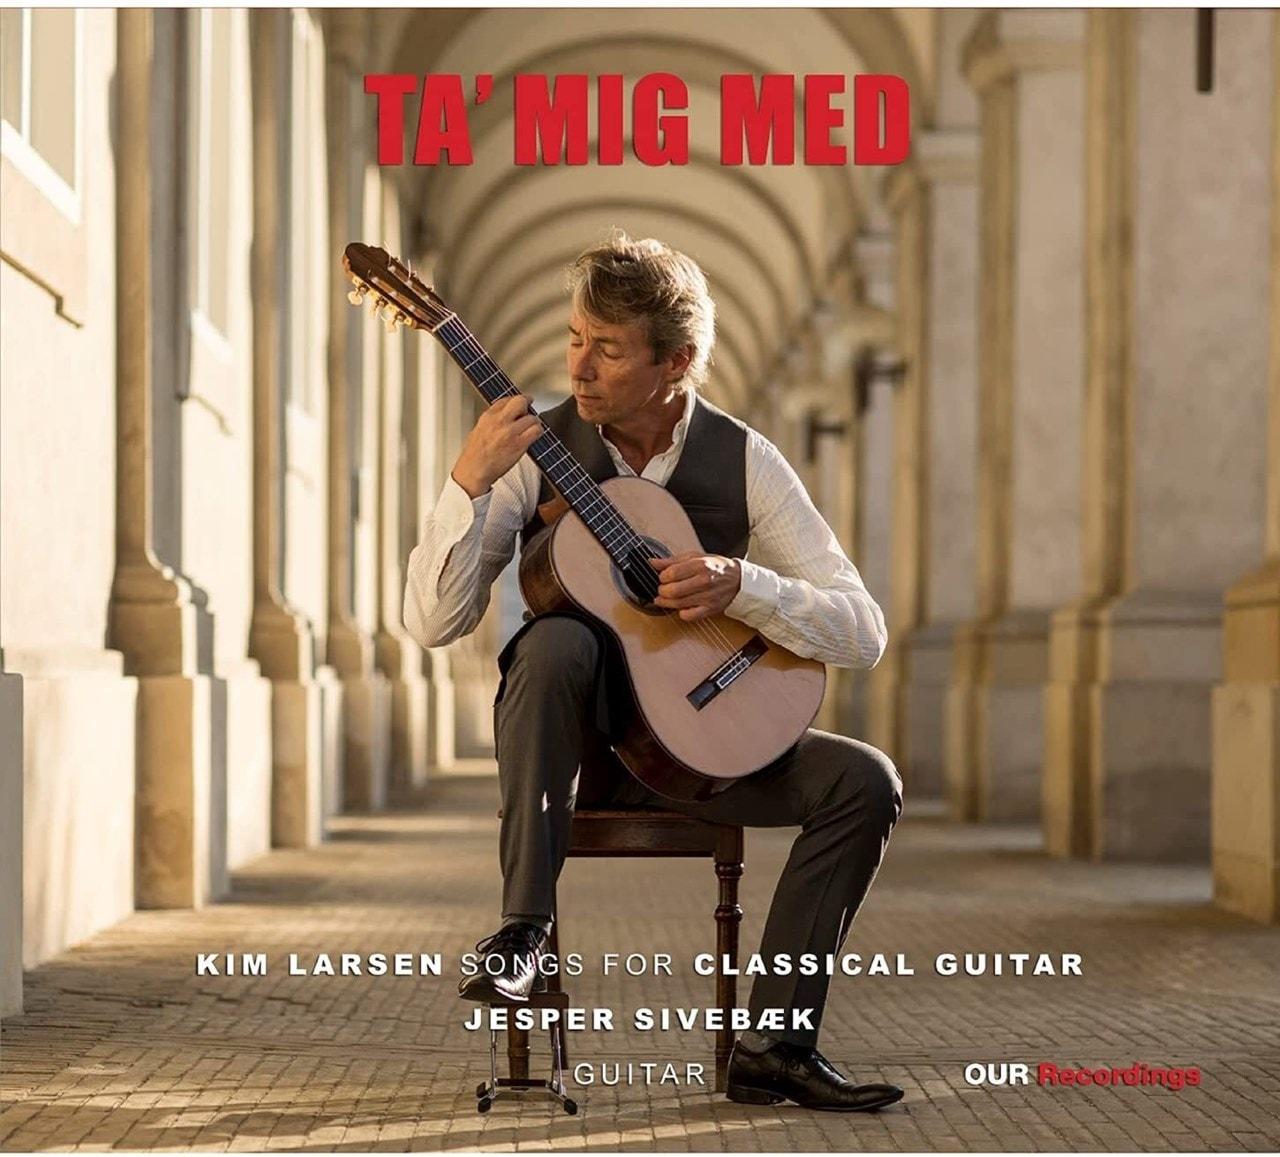 Ta' Mig Med: Kim Larsen - Songs for Classical Guitar - 1